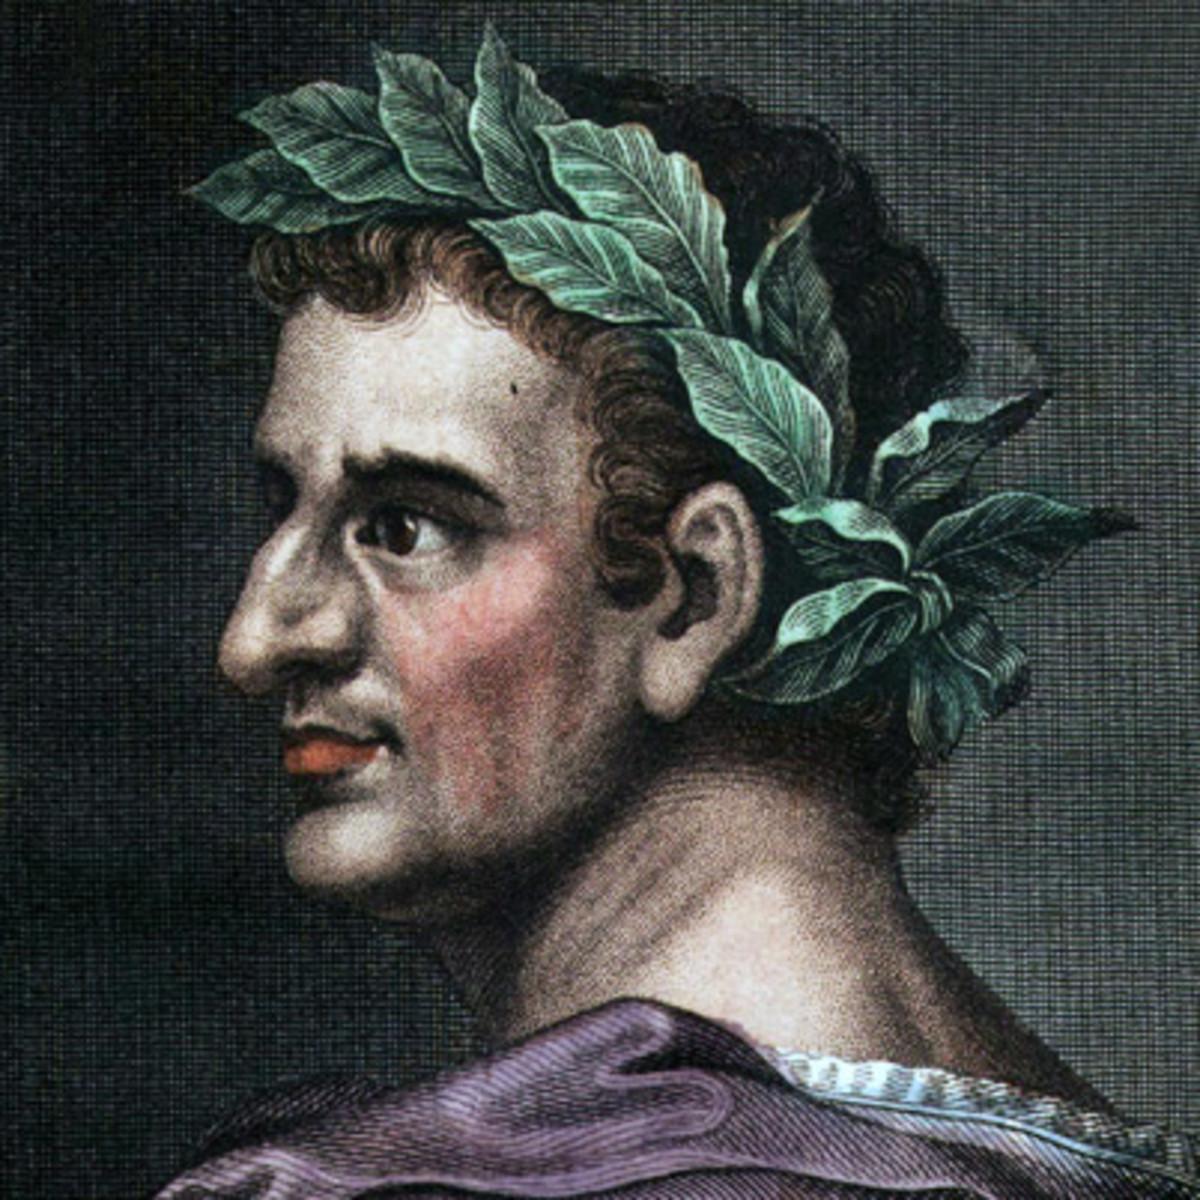 a biography of tiberius claudius nero a roman emperor Claudius adopted nero and gave him his daughter octavia to marry, and named him nero claudius caesar drusus germanicus in 54 ad nero succeeded claudius and was the last of the julio claudian line of emperors.